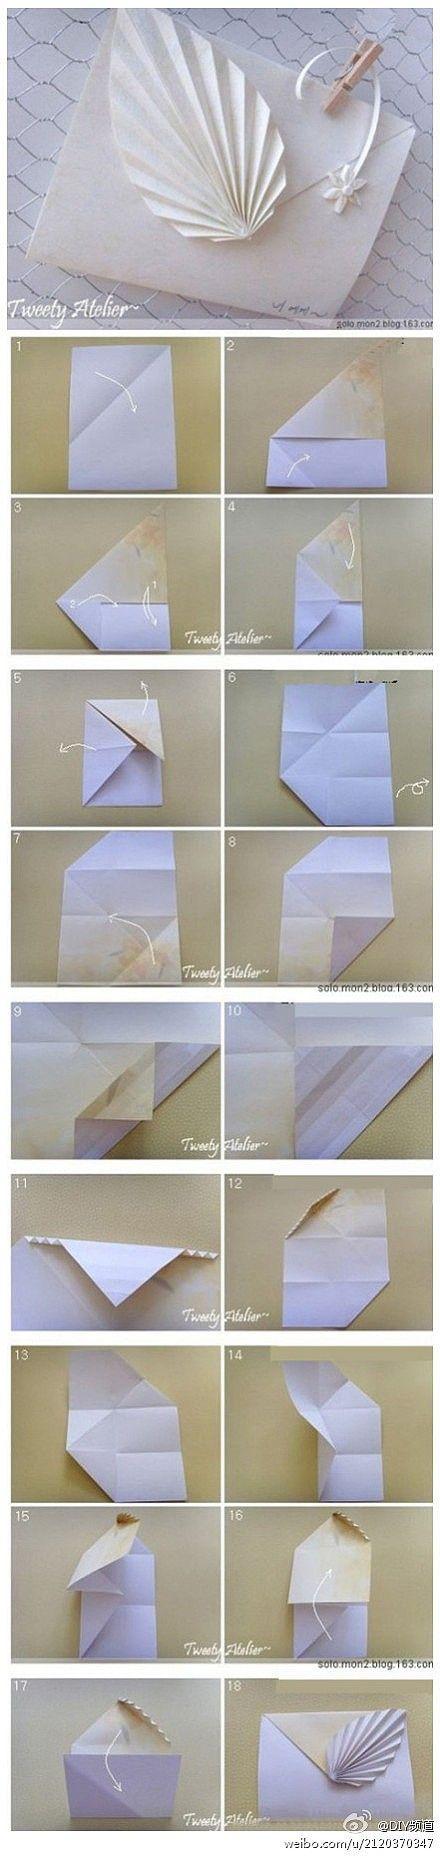 Origami Leaf Envelope